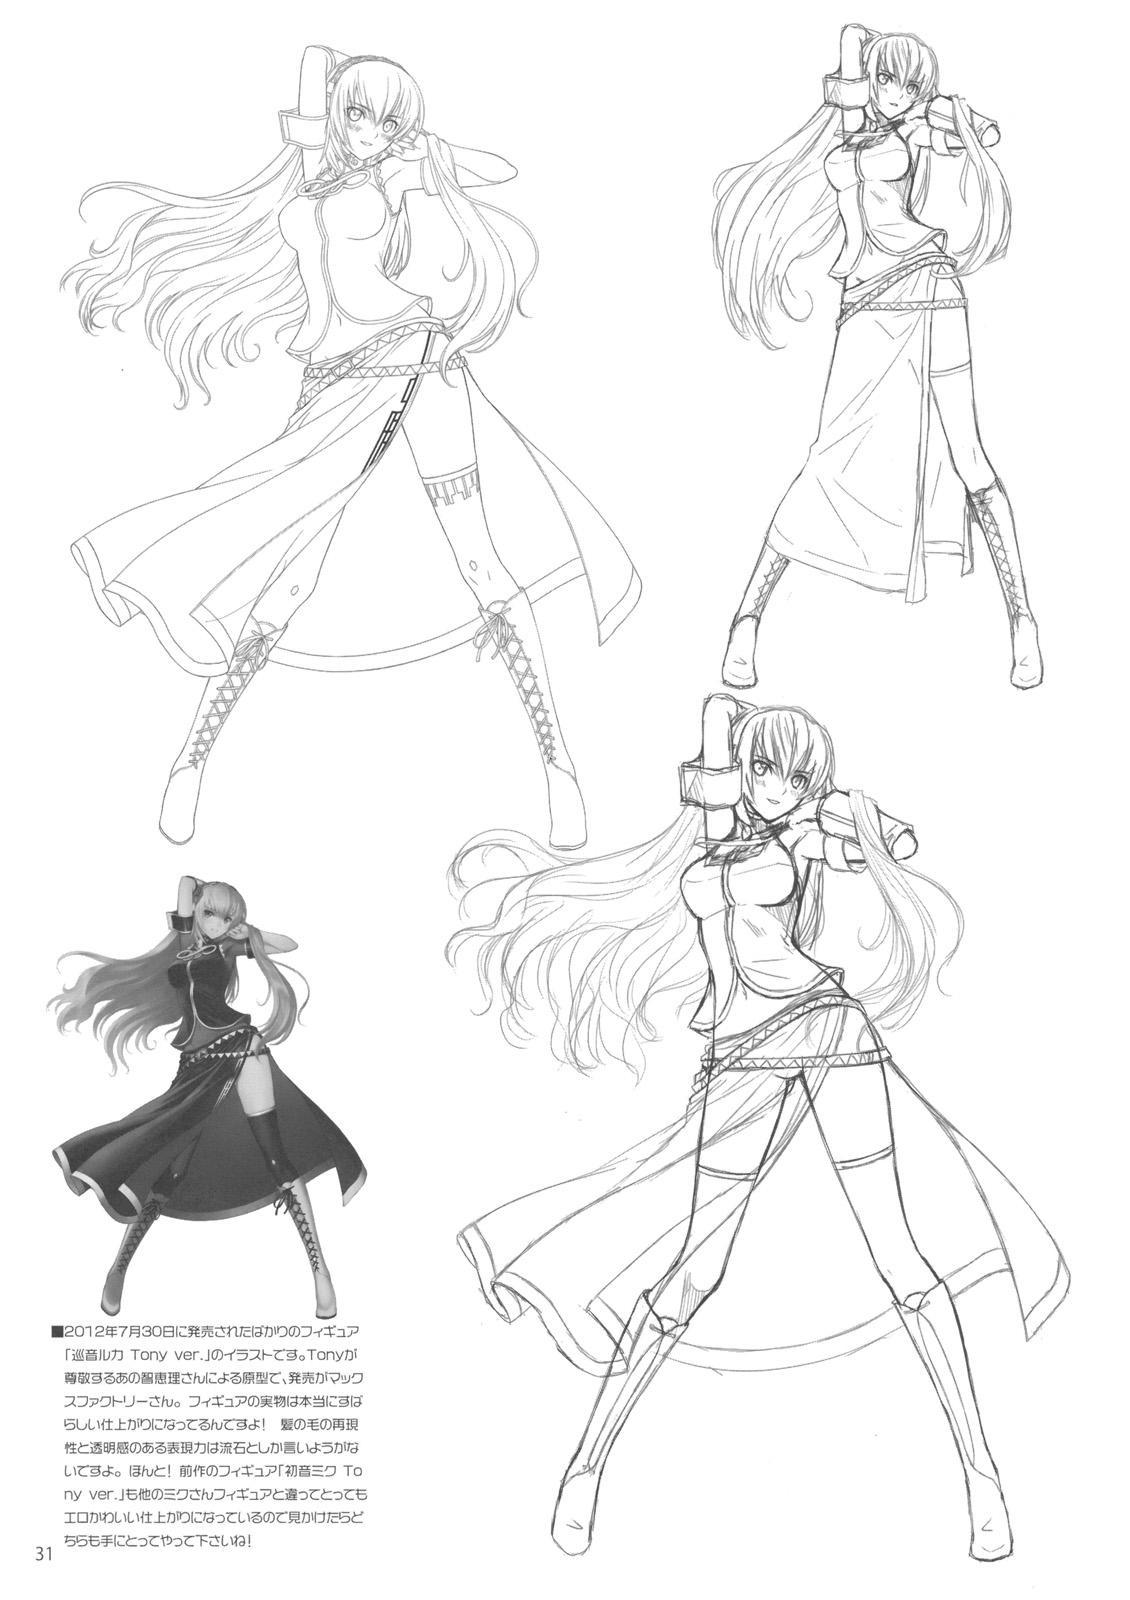 (C82) [T2 ART WORKS (Tony)] Reiko-san to Maya-chan no Koto wo Omotteitara Muramura Shitekita node Erohon ni Shitemitayo. (Fault!!) 29